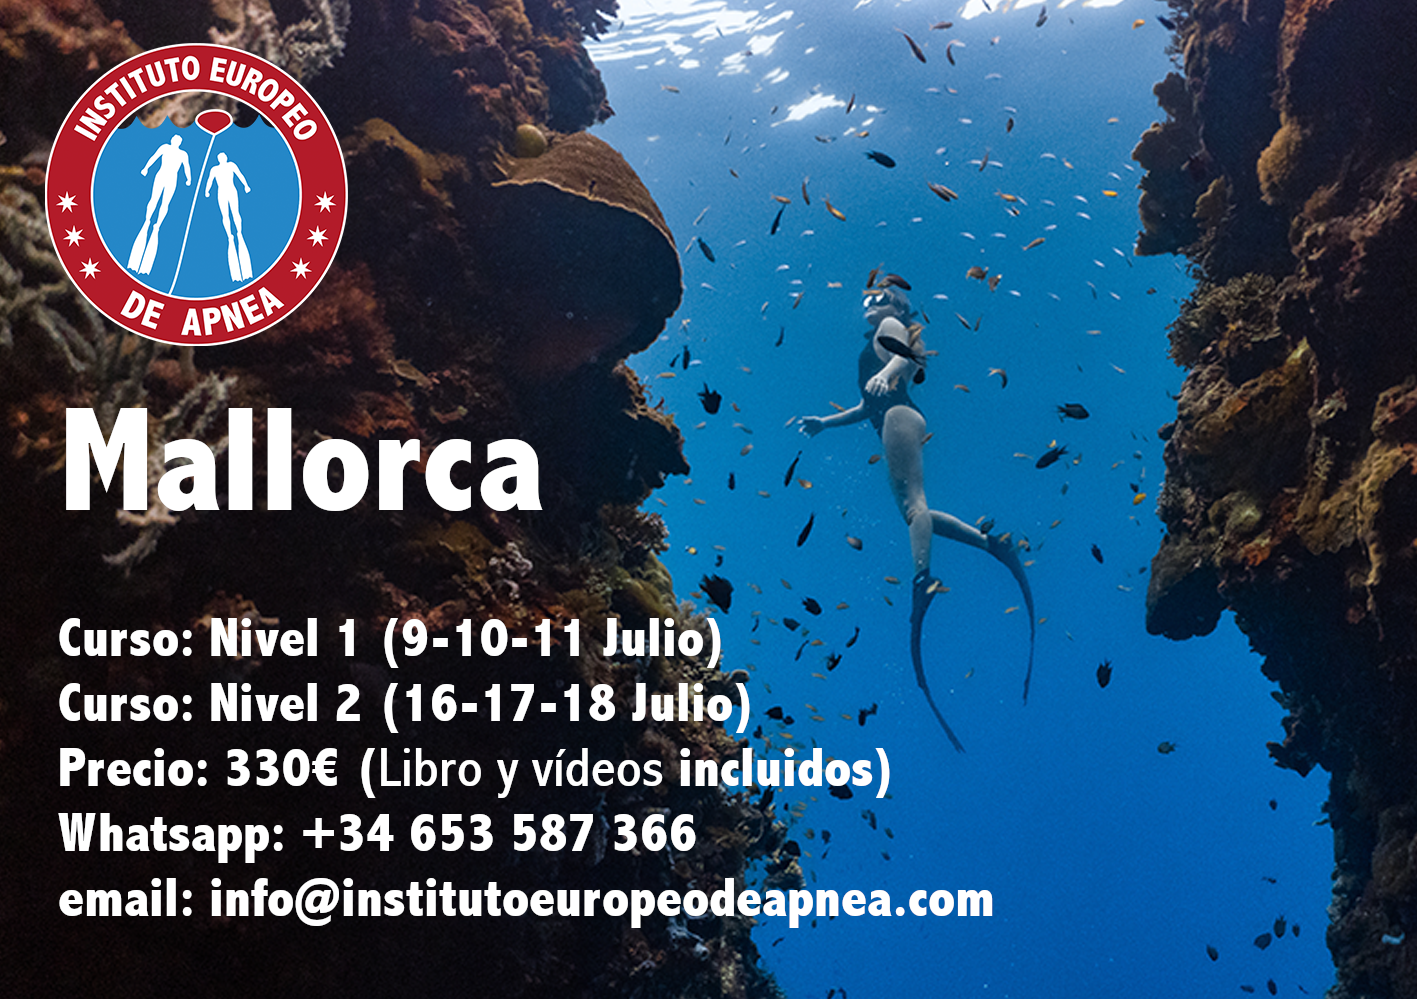 Curso de apnea en Palma de Mallorca